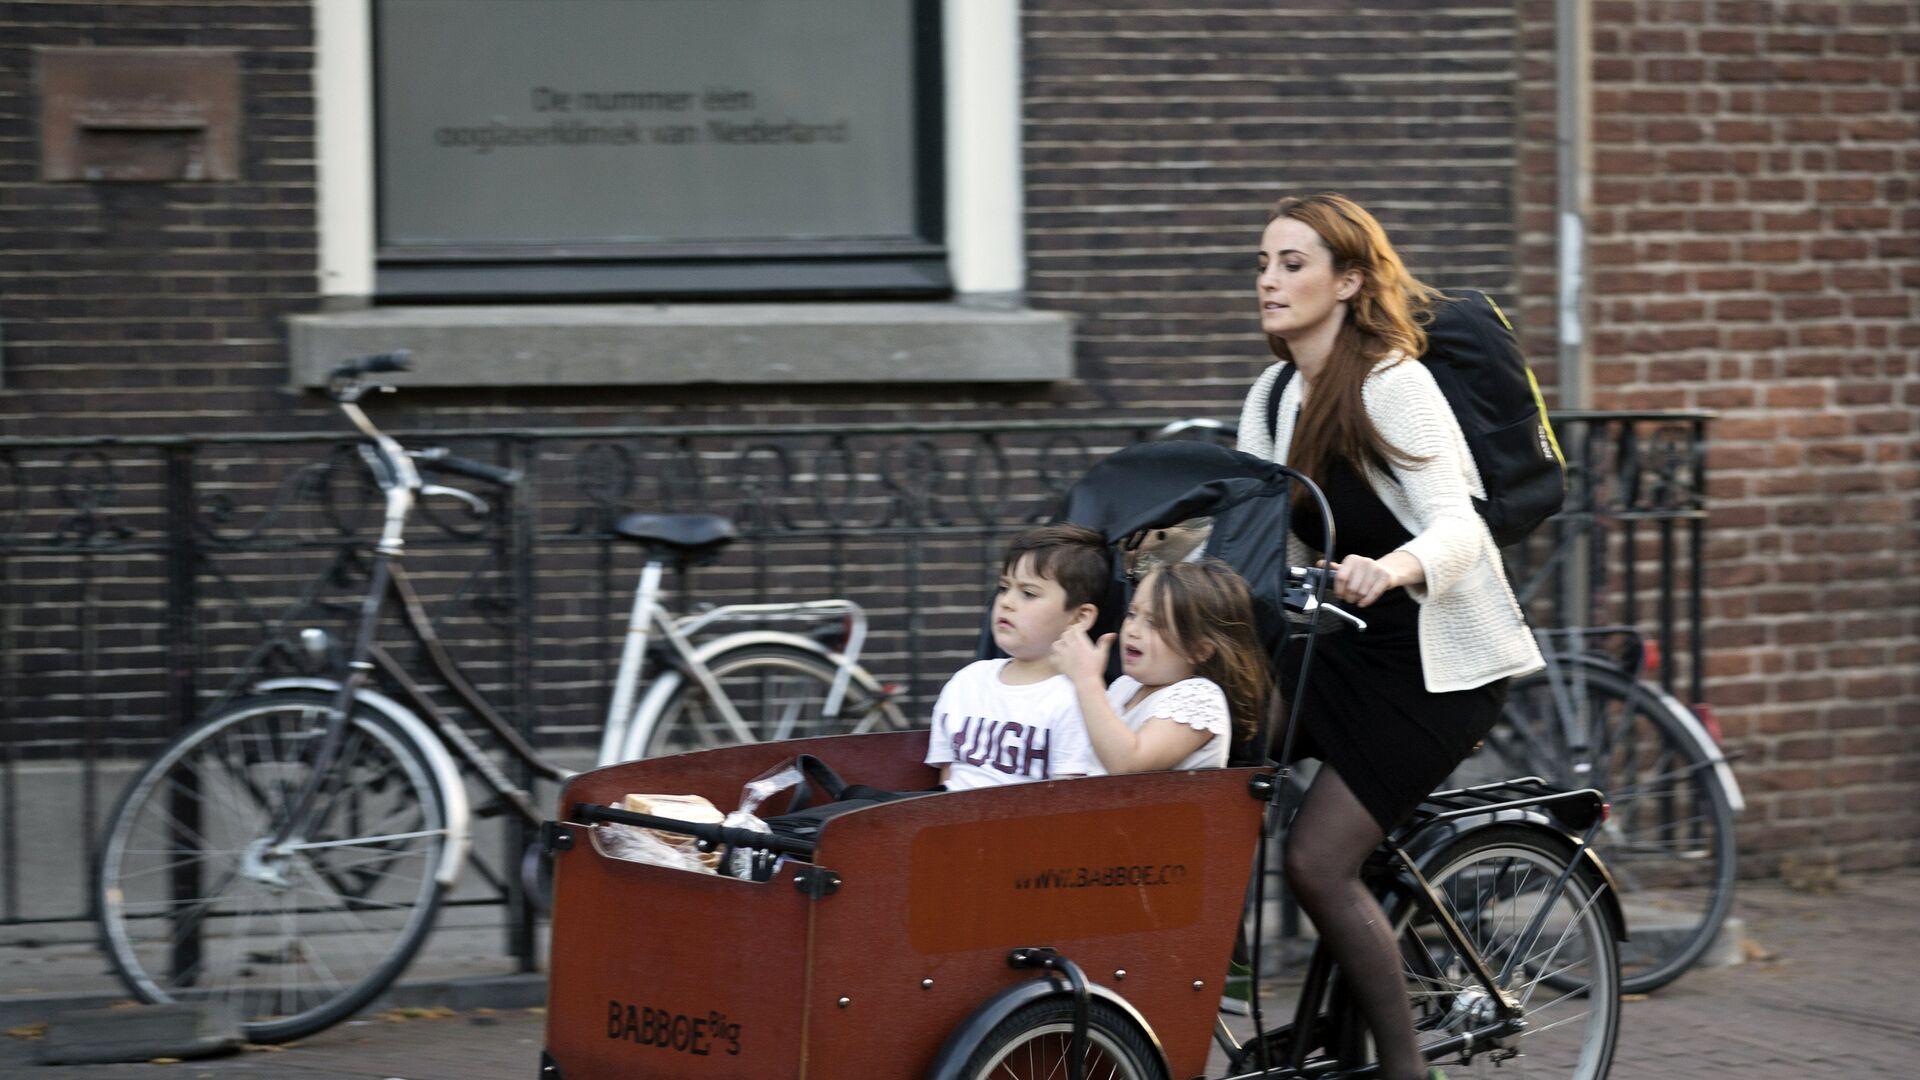 Женщина на велосипеде с детьми на одной из улиц Утрехта - РИА Новости, 1920, 03.09.2020